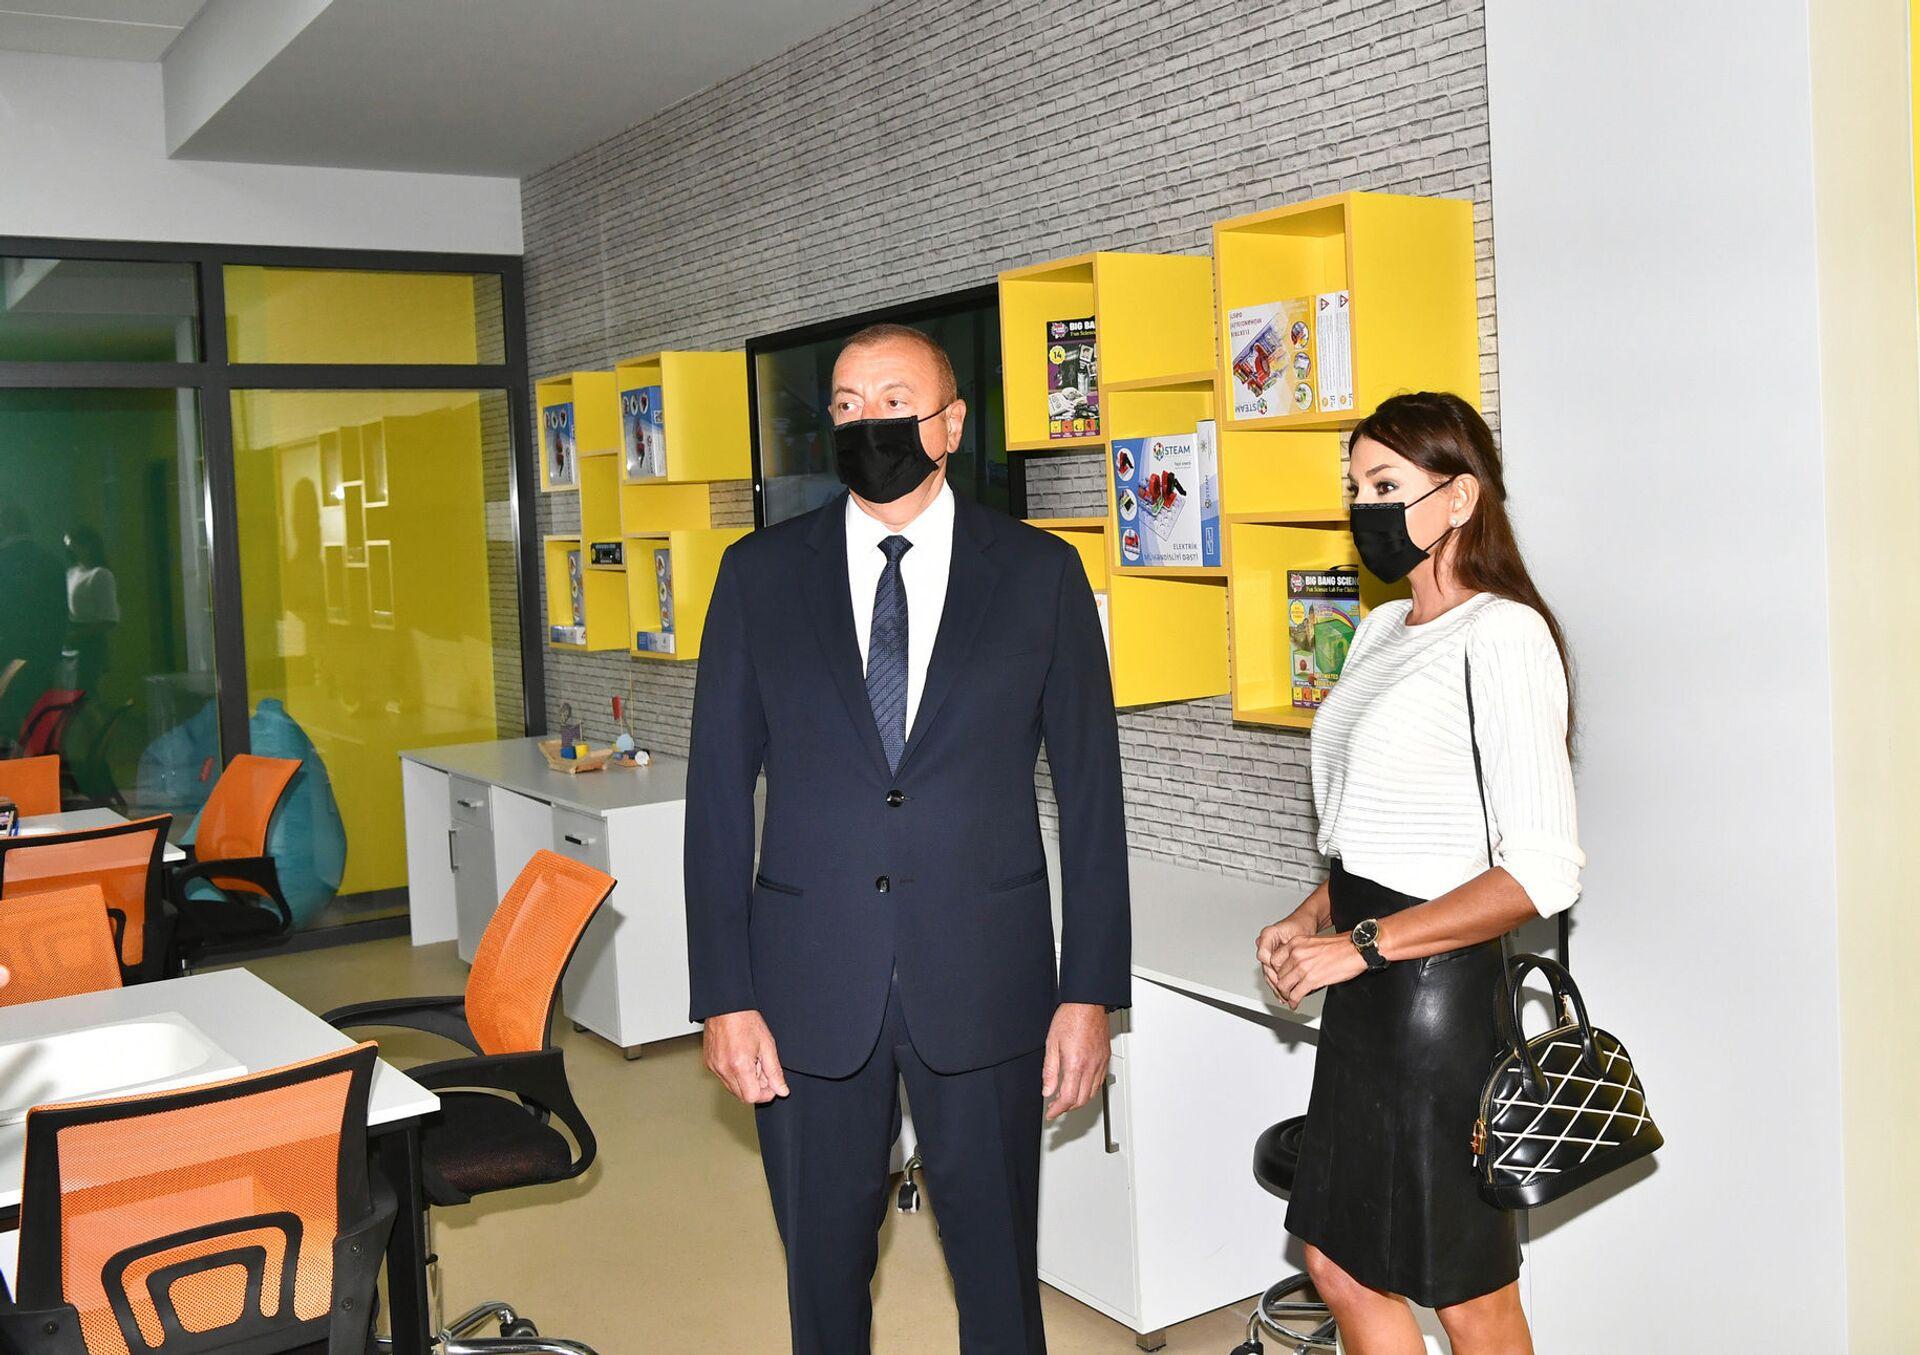 Президент Азербайджана Ильхам Алиев и Первый вице-президент Мехрибан Алиева приняли участие в открытии нового здания Бакинского Европейского лицея - Sputnik Азербайджан, 1920, 01.10.2021